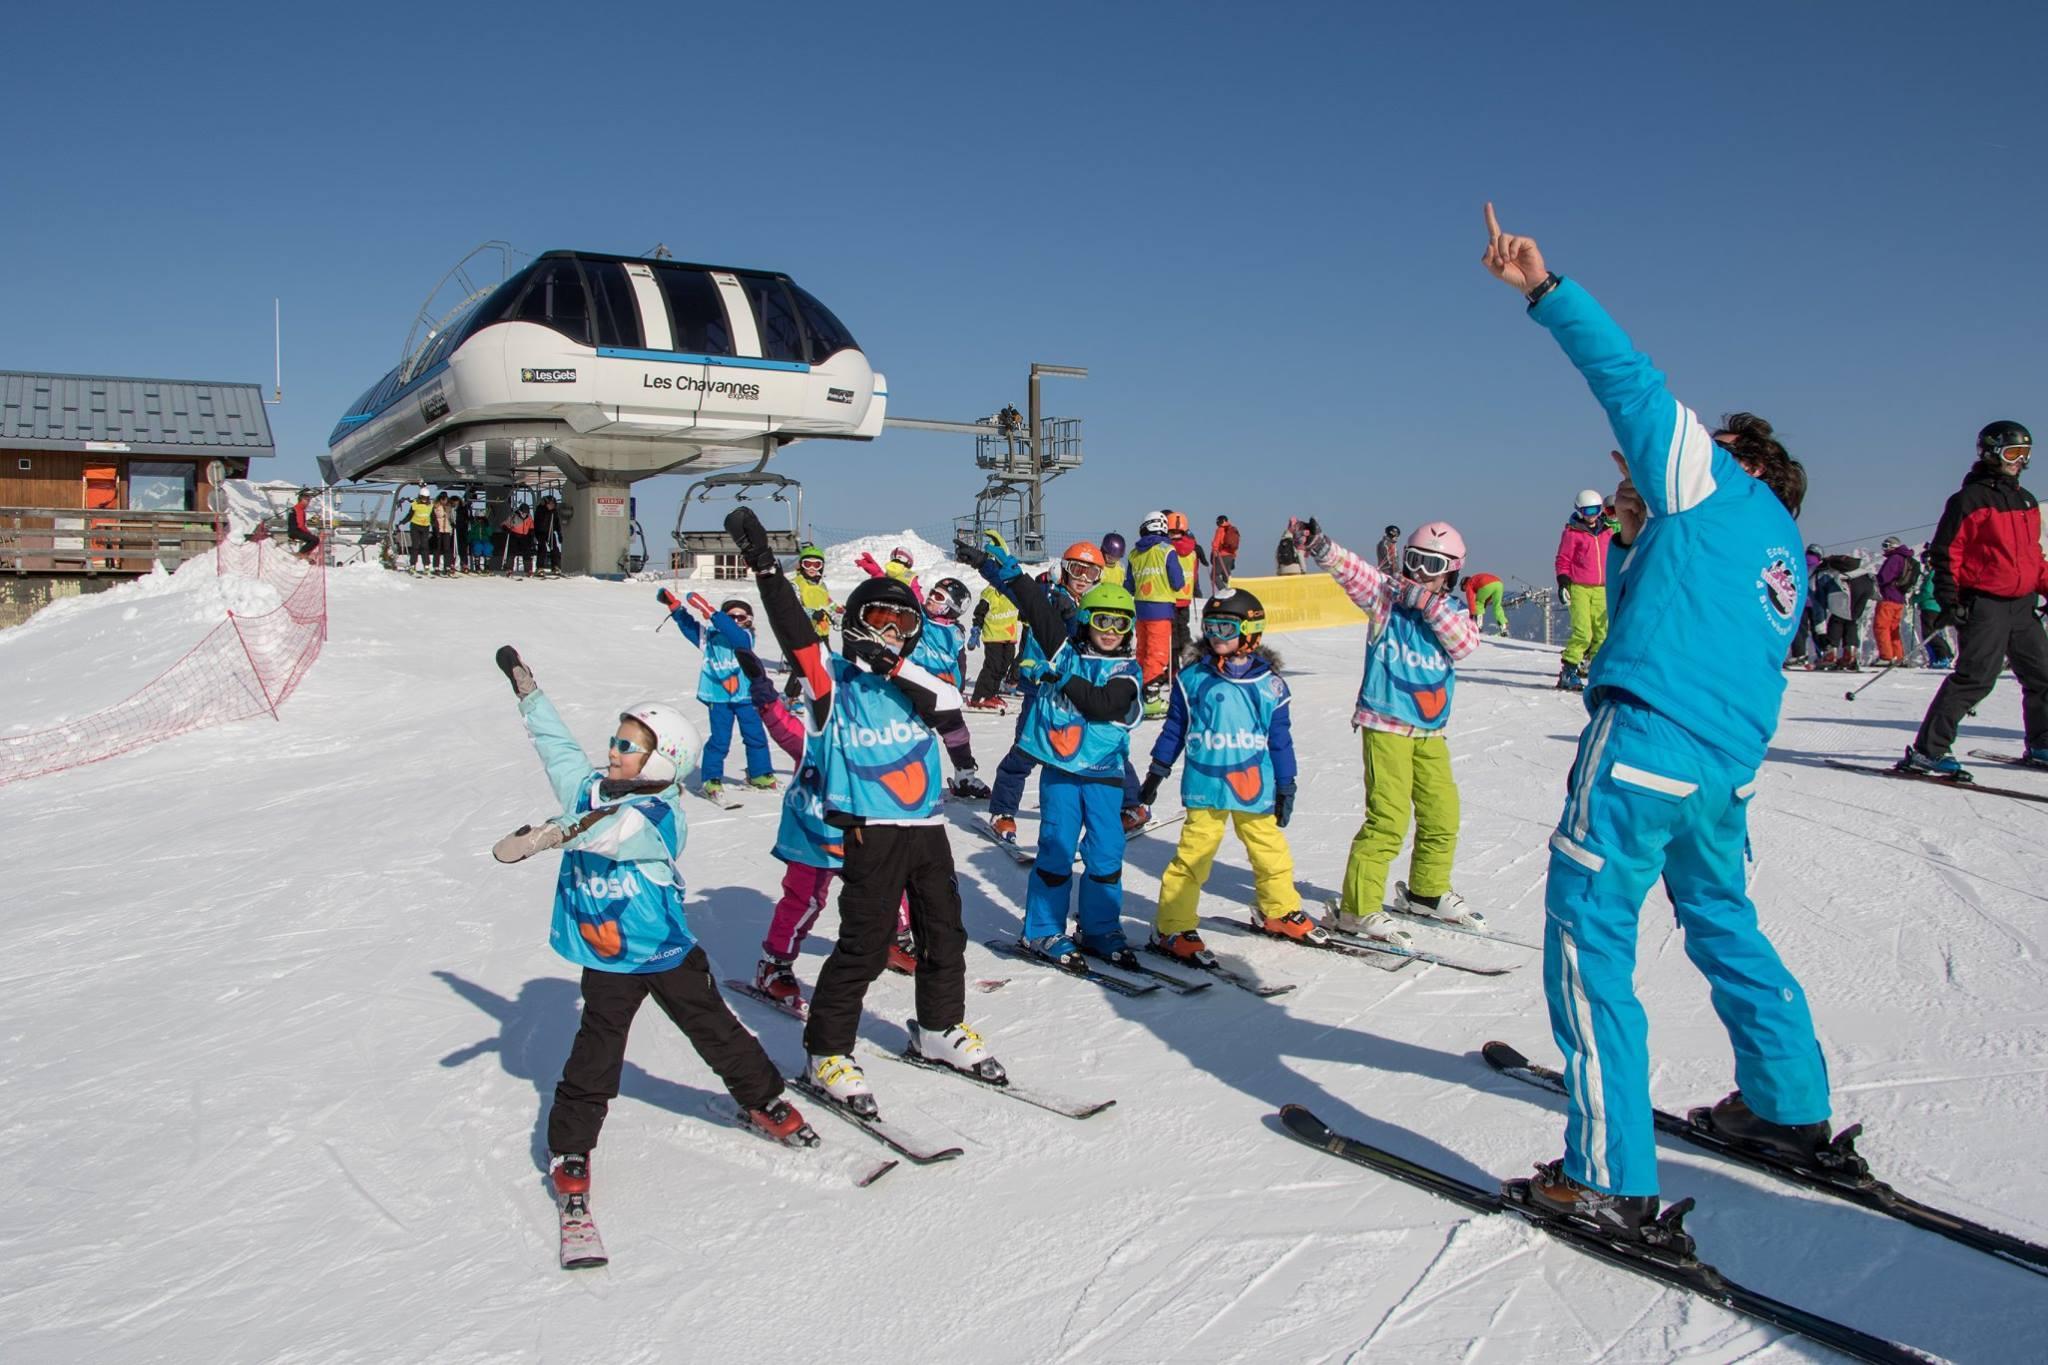 Cours de ski Enfants (4-13 ans) pour Skieurs expérimentés